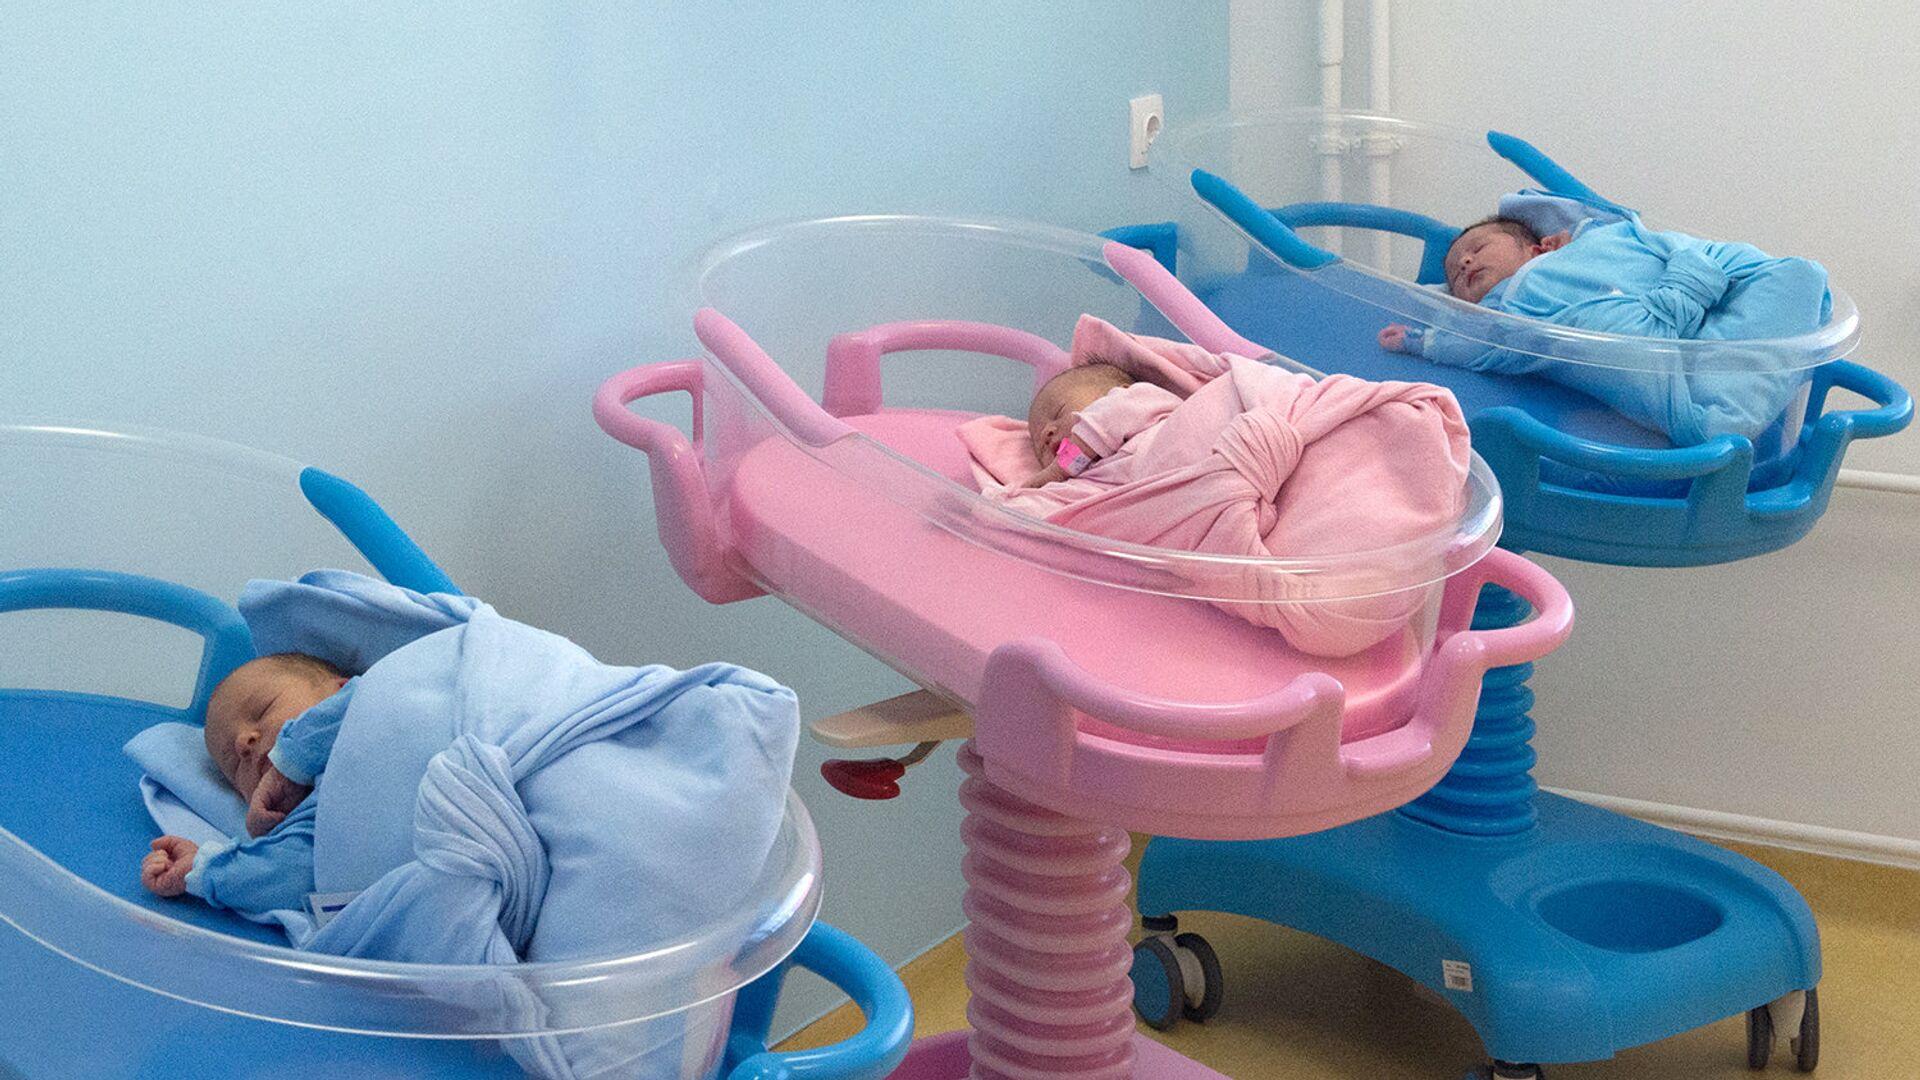 Младенцы в перинатальном центре. Архивное фото - РИА Новости, 1920, 28.07.2021